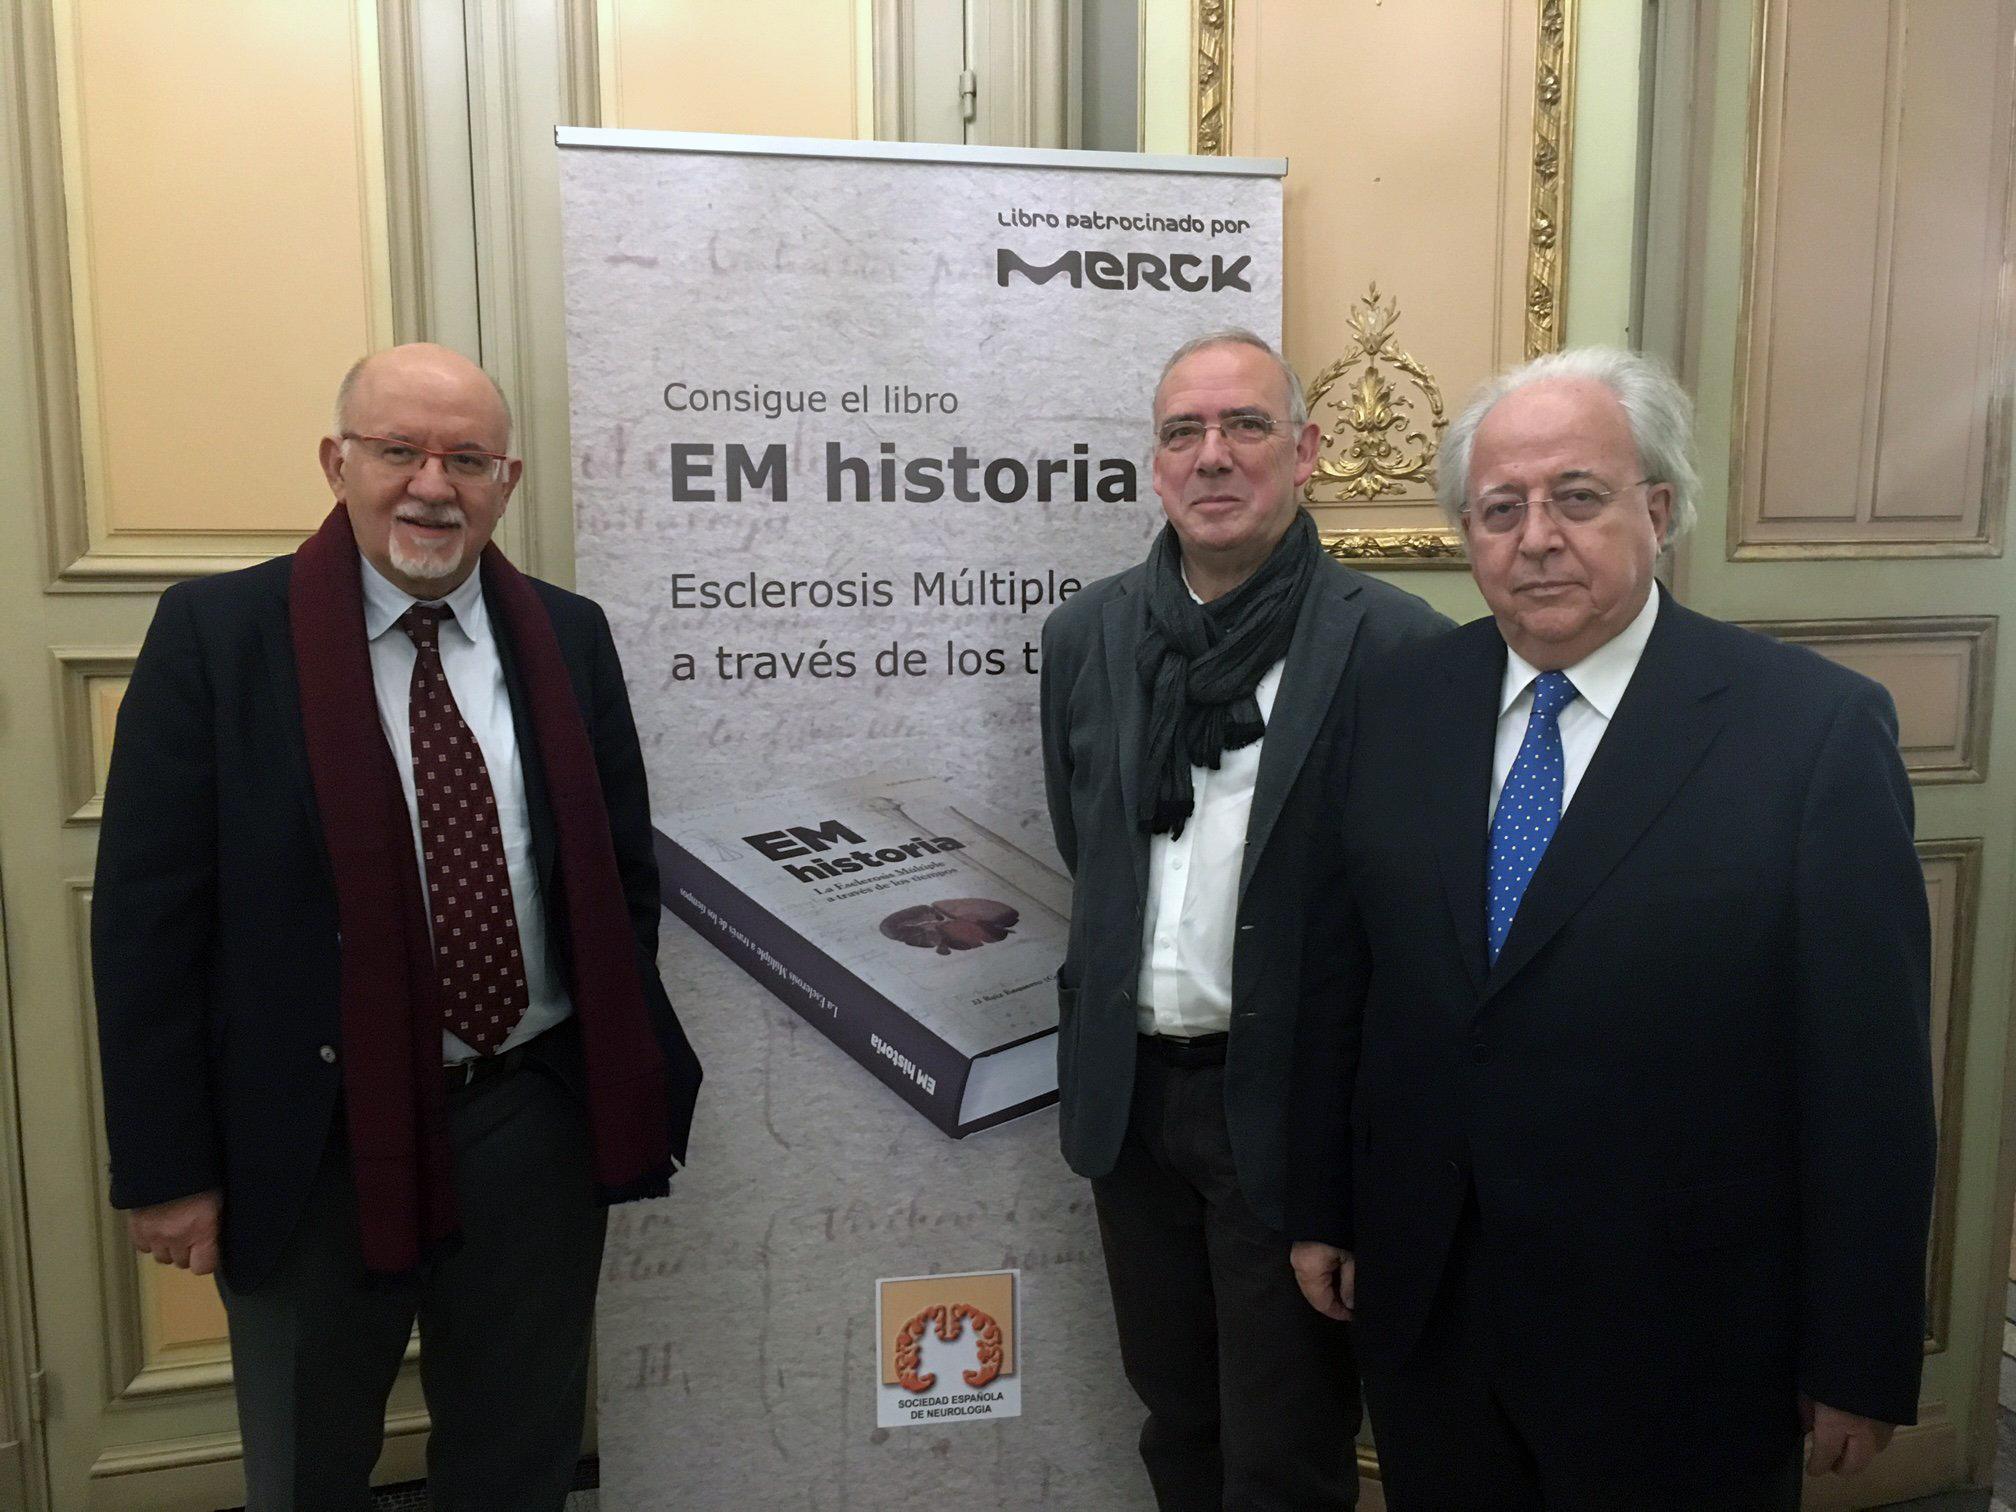 Manuel Arias, Juan José Ruiz Ezquerro y Óscar Fernández durante la presentación del libro / Merck España